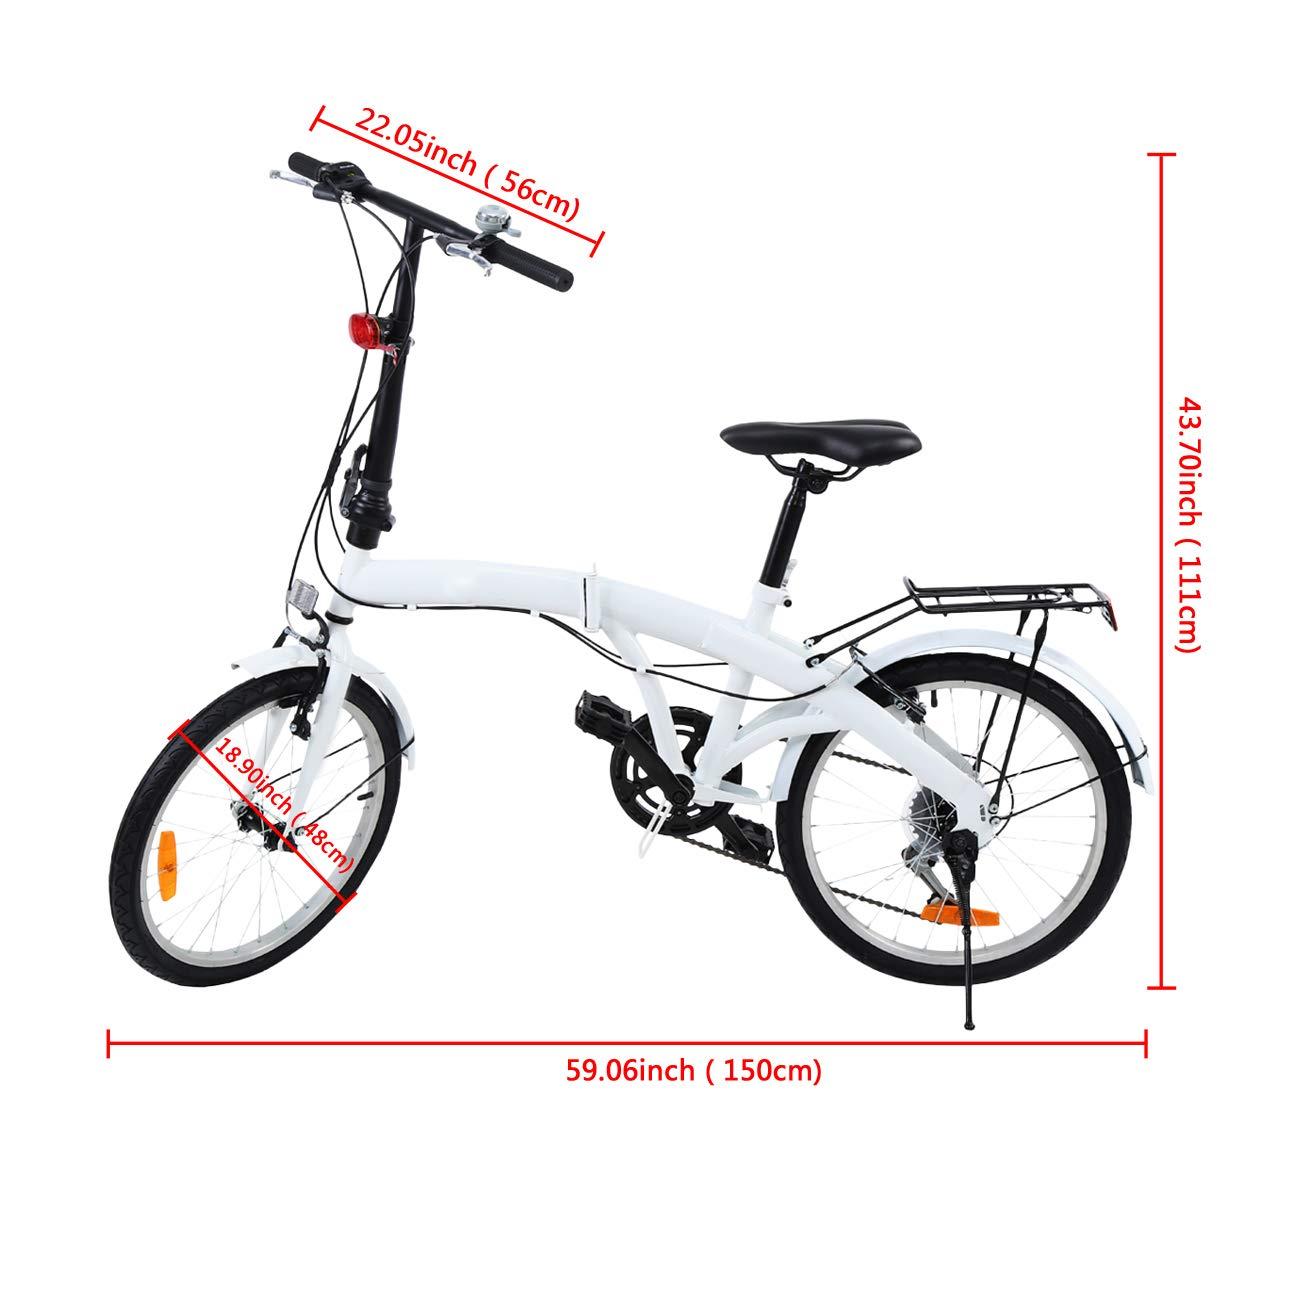 Ridgeyard 20 Pulgadas Bicicleta Plegables Plegable de 6 velocidades con Soporte Trasero LED Battery Light (Blanco): Amazon.es: Deportes y aire libre